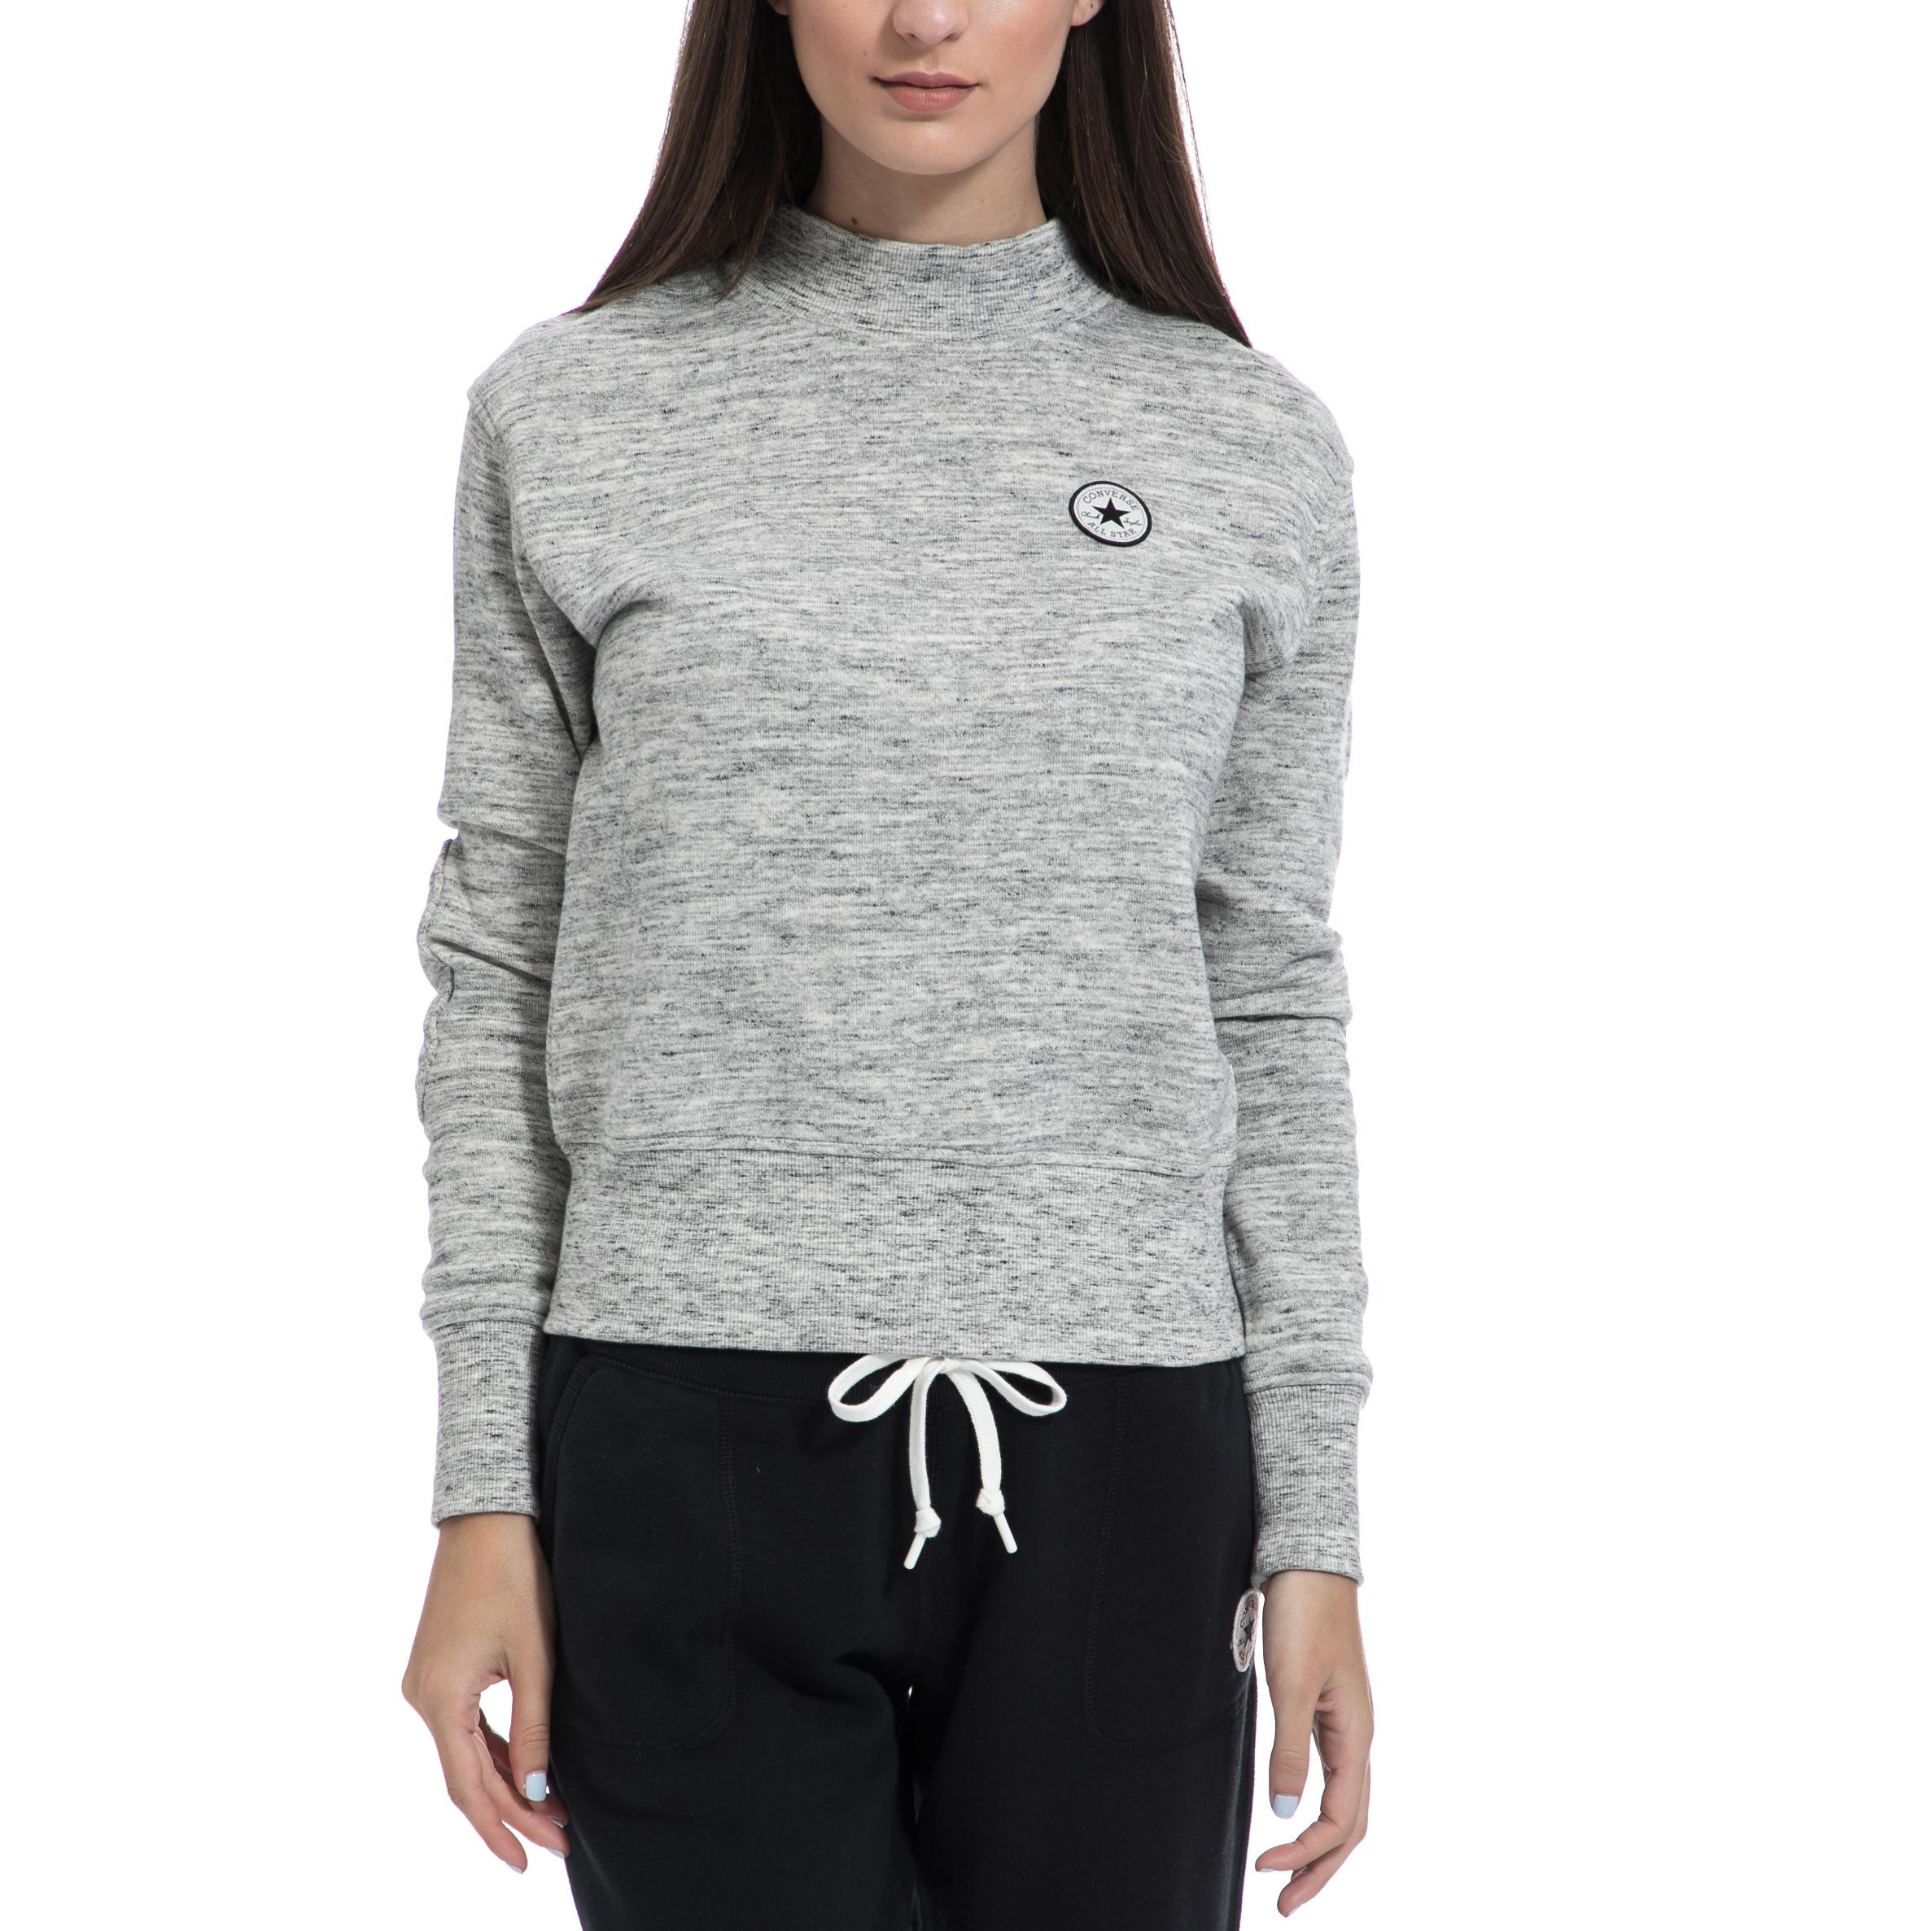 CONVERSE - Γυναικείο φούτερ CONVERSE γκρι γυναικεία ρούχα αθλητικά φούτερ μακρυμάνικα